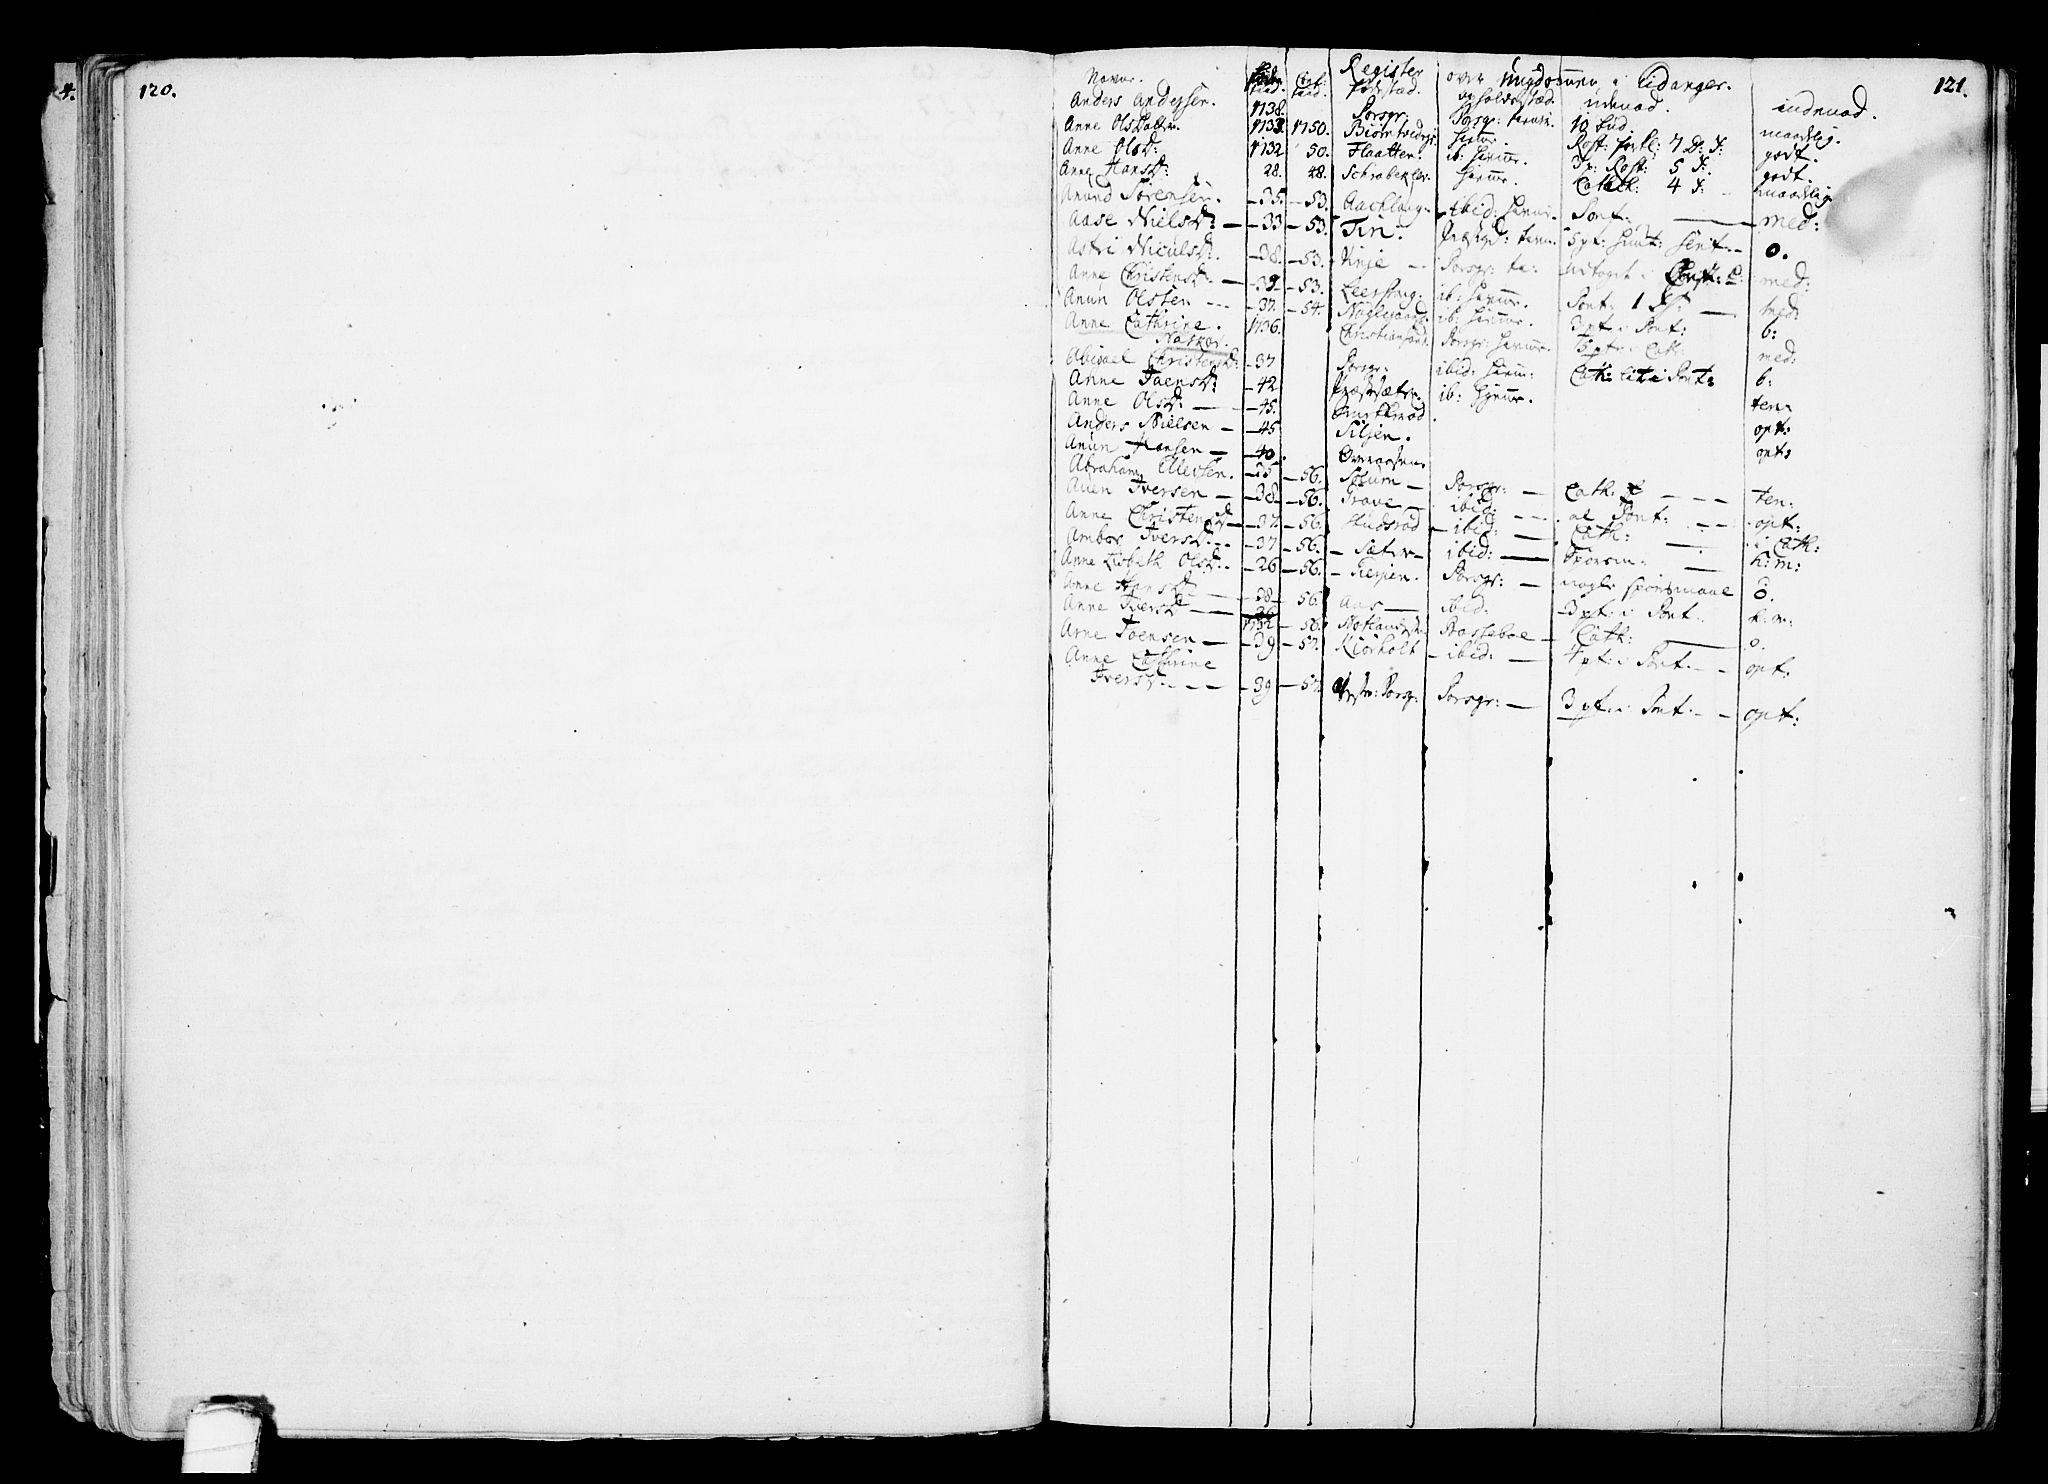 SAKO, Eidanger kirkebøker, F/Fa/L0002: Ministerialbok nr. 2, 1712-1720, s. 120-121